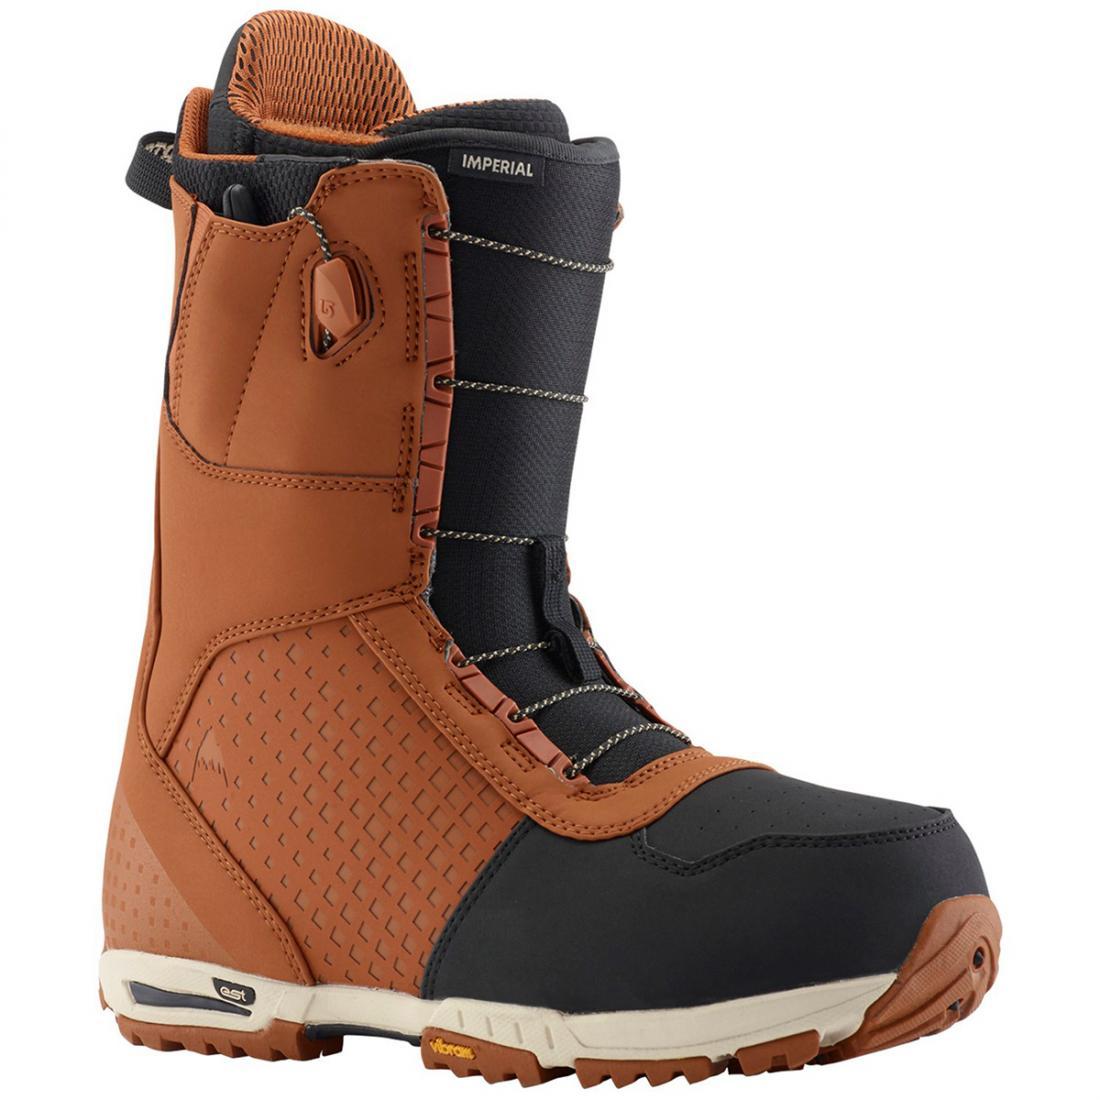 Ботинки для сноуборда Burton Imperial купить в Boardshop №1